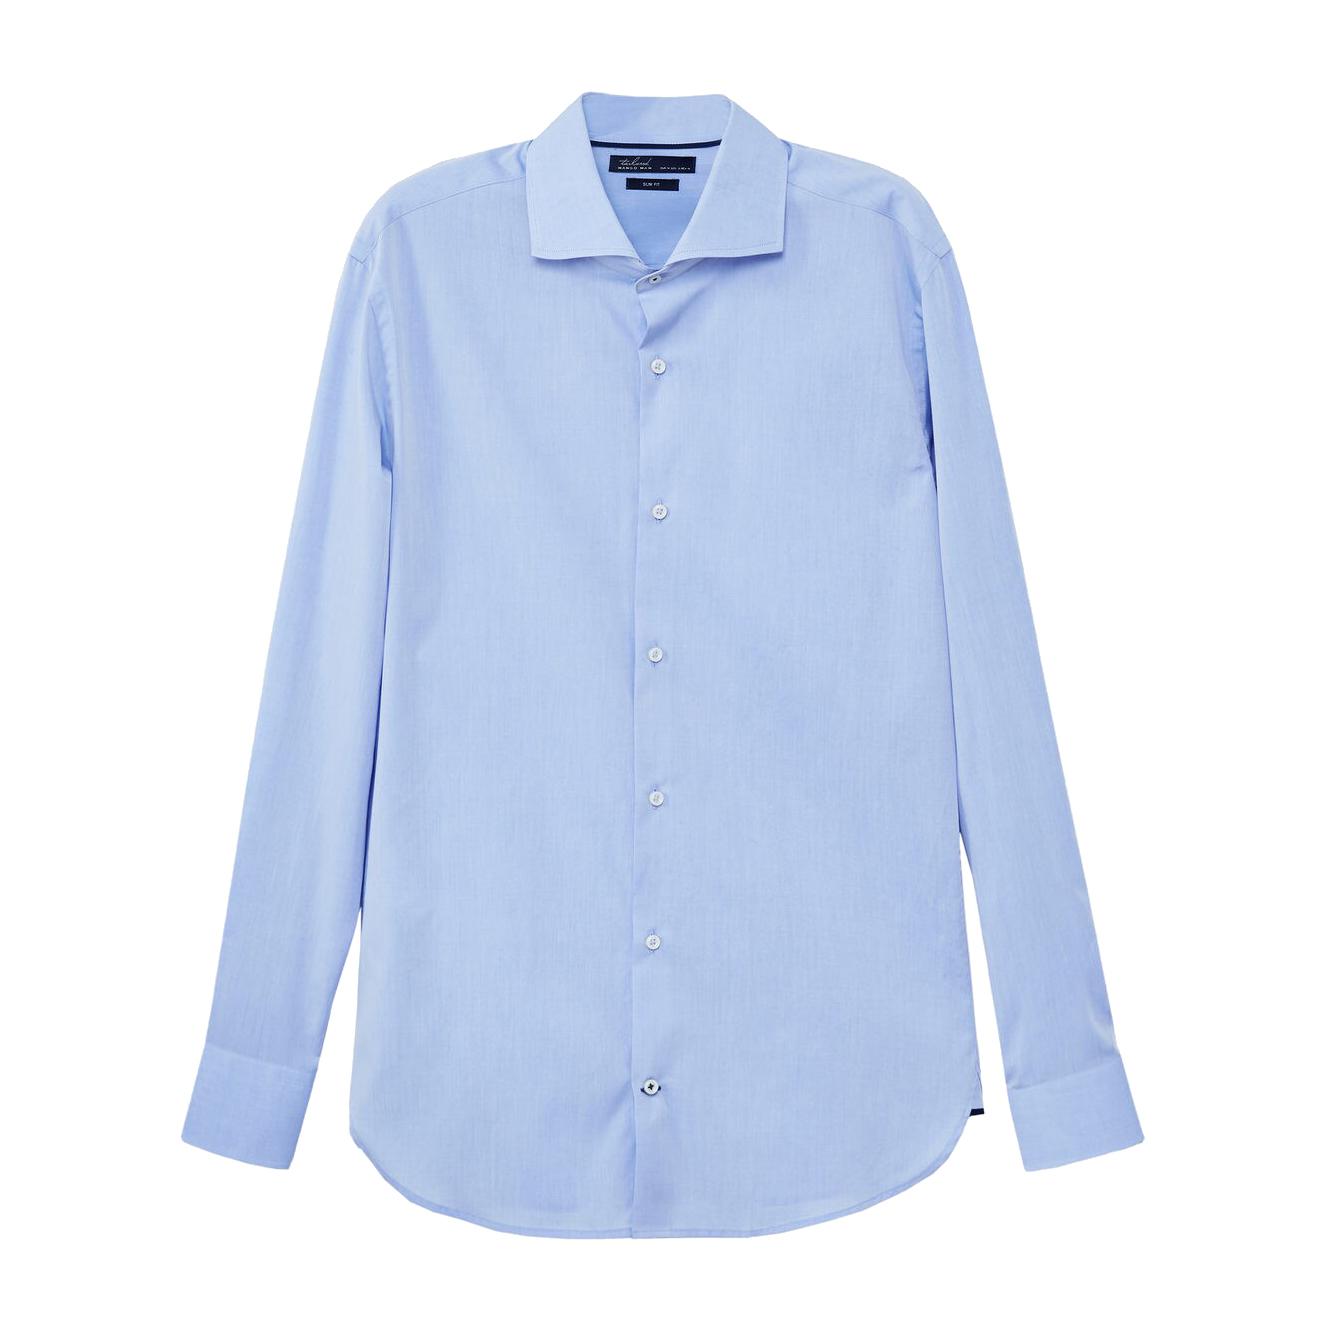 پیراهن آستین بلند مردانه مانگو مدل SBL637